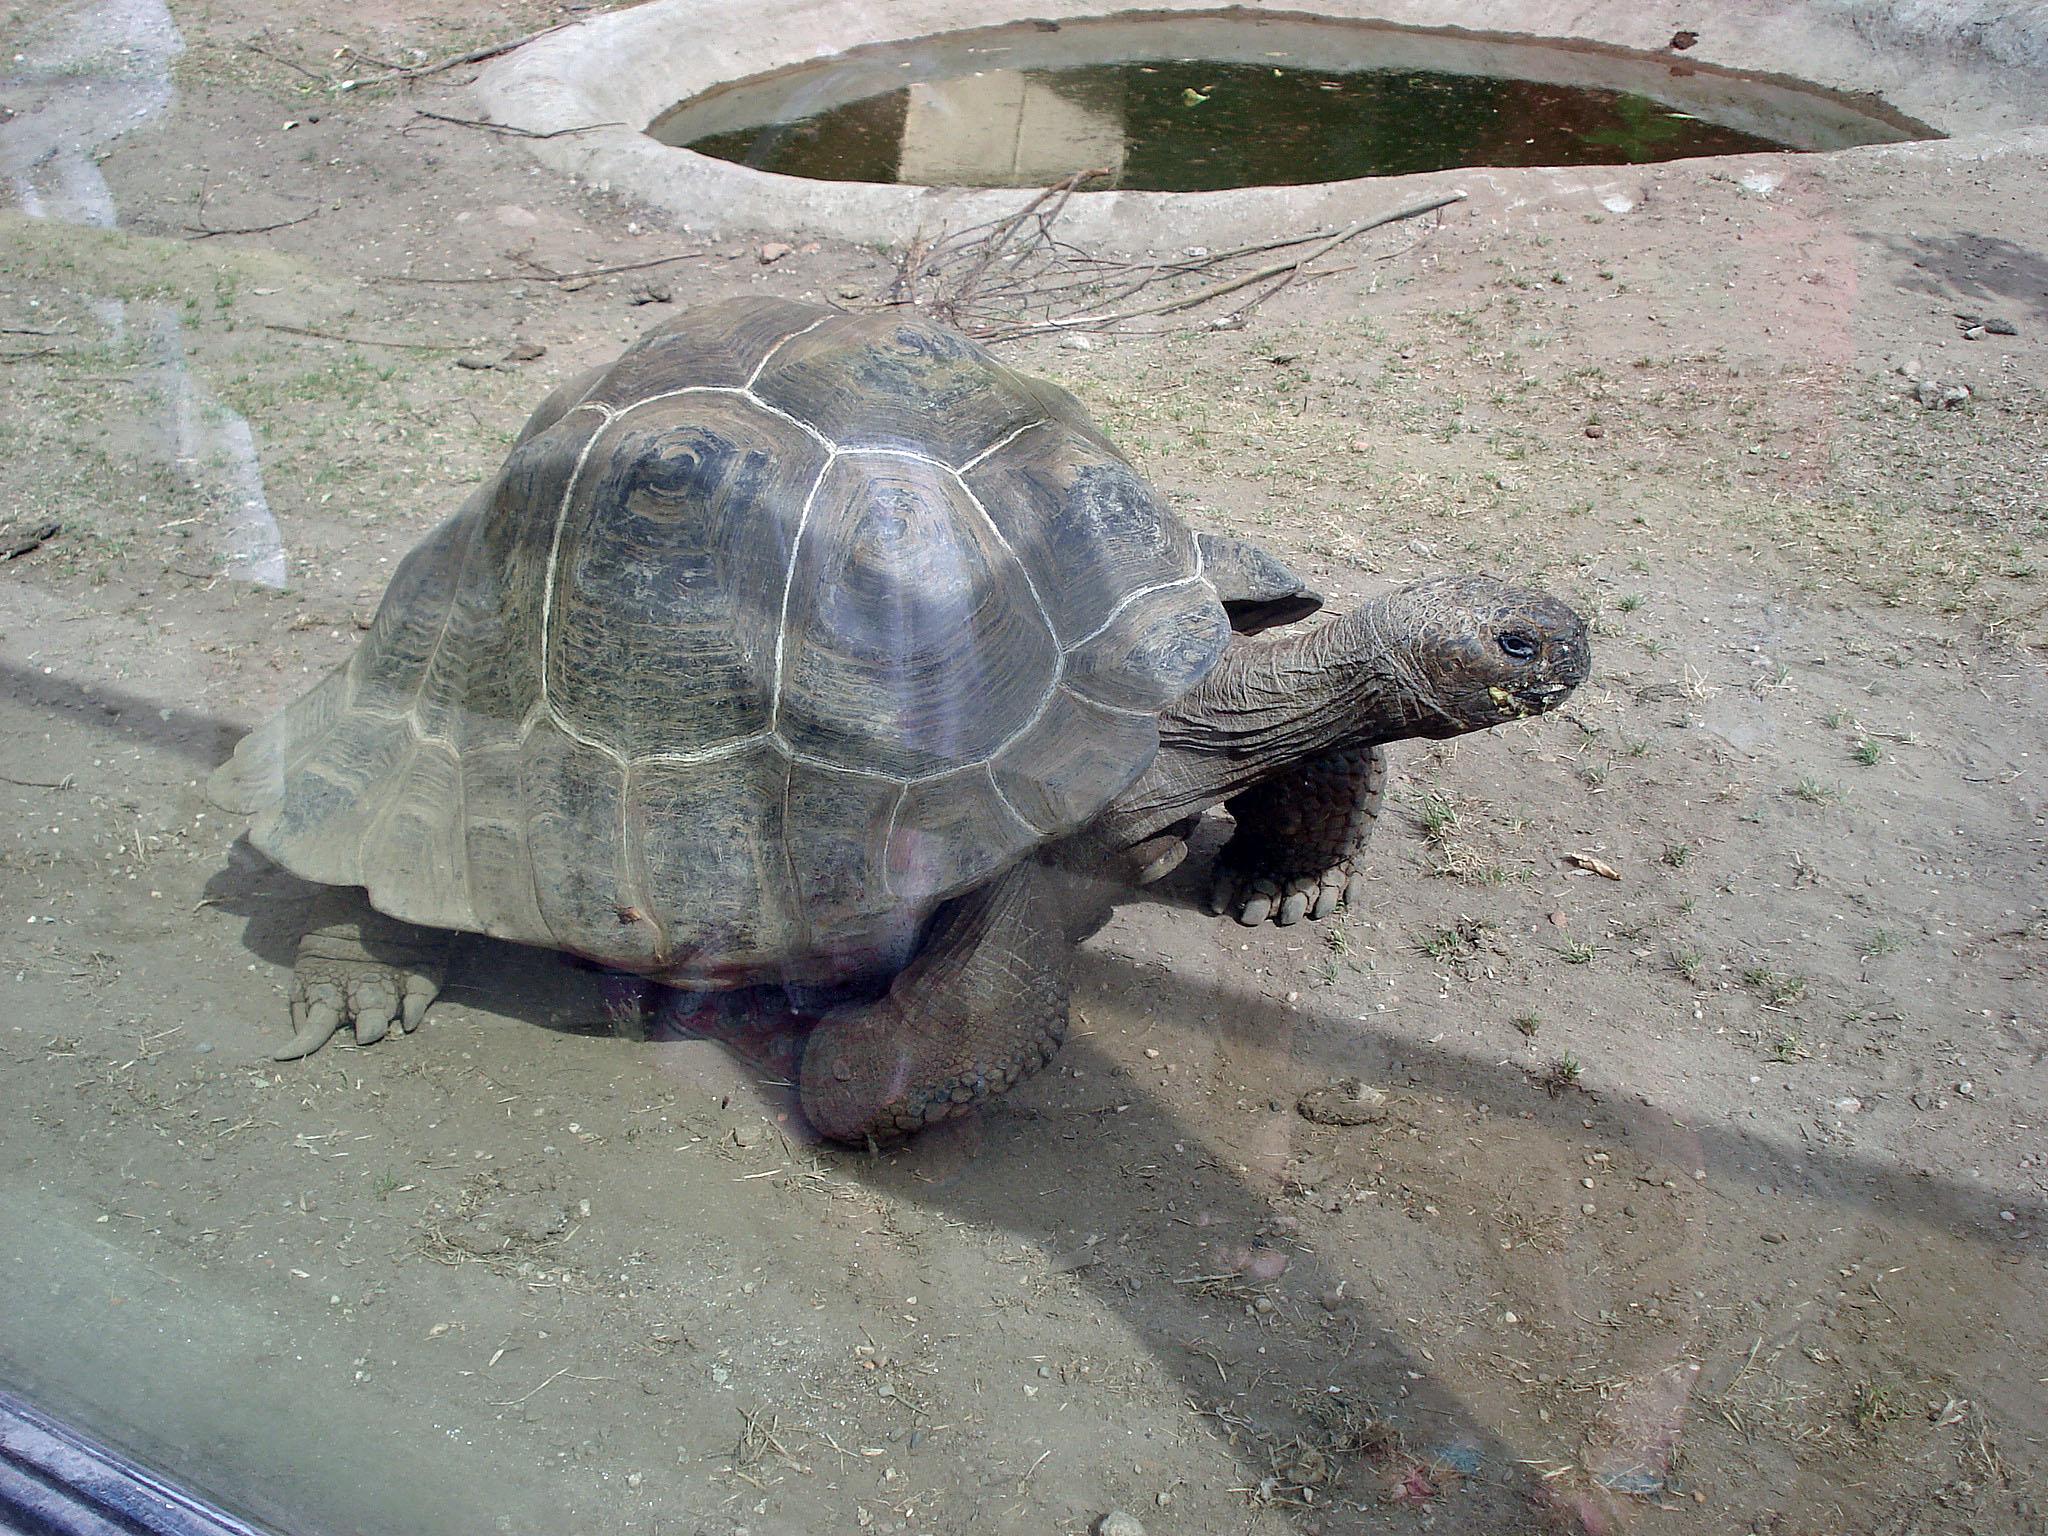 Сухопутные черепахи в Московском зоопарке